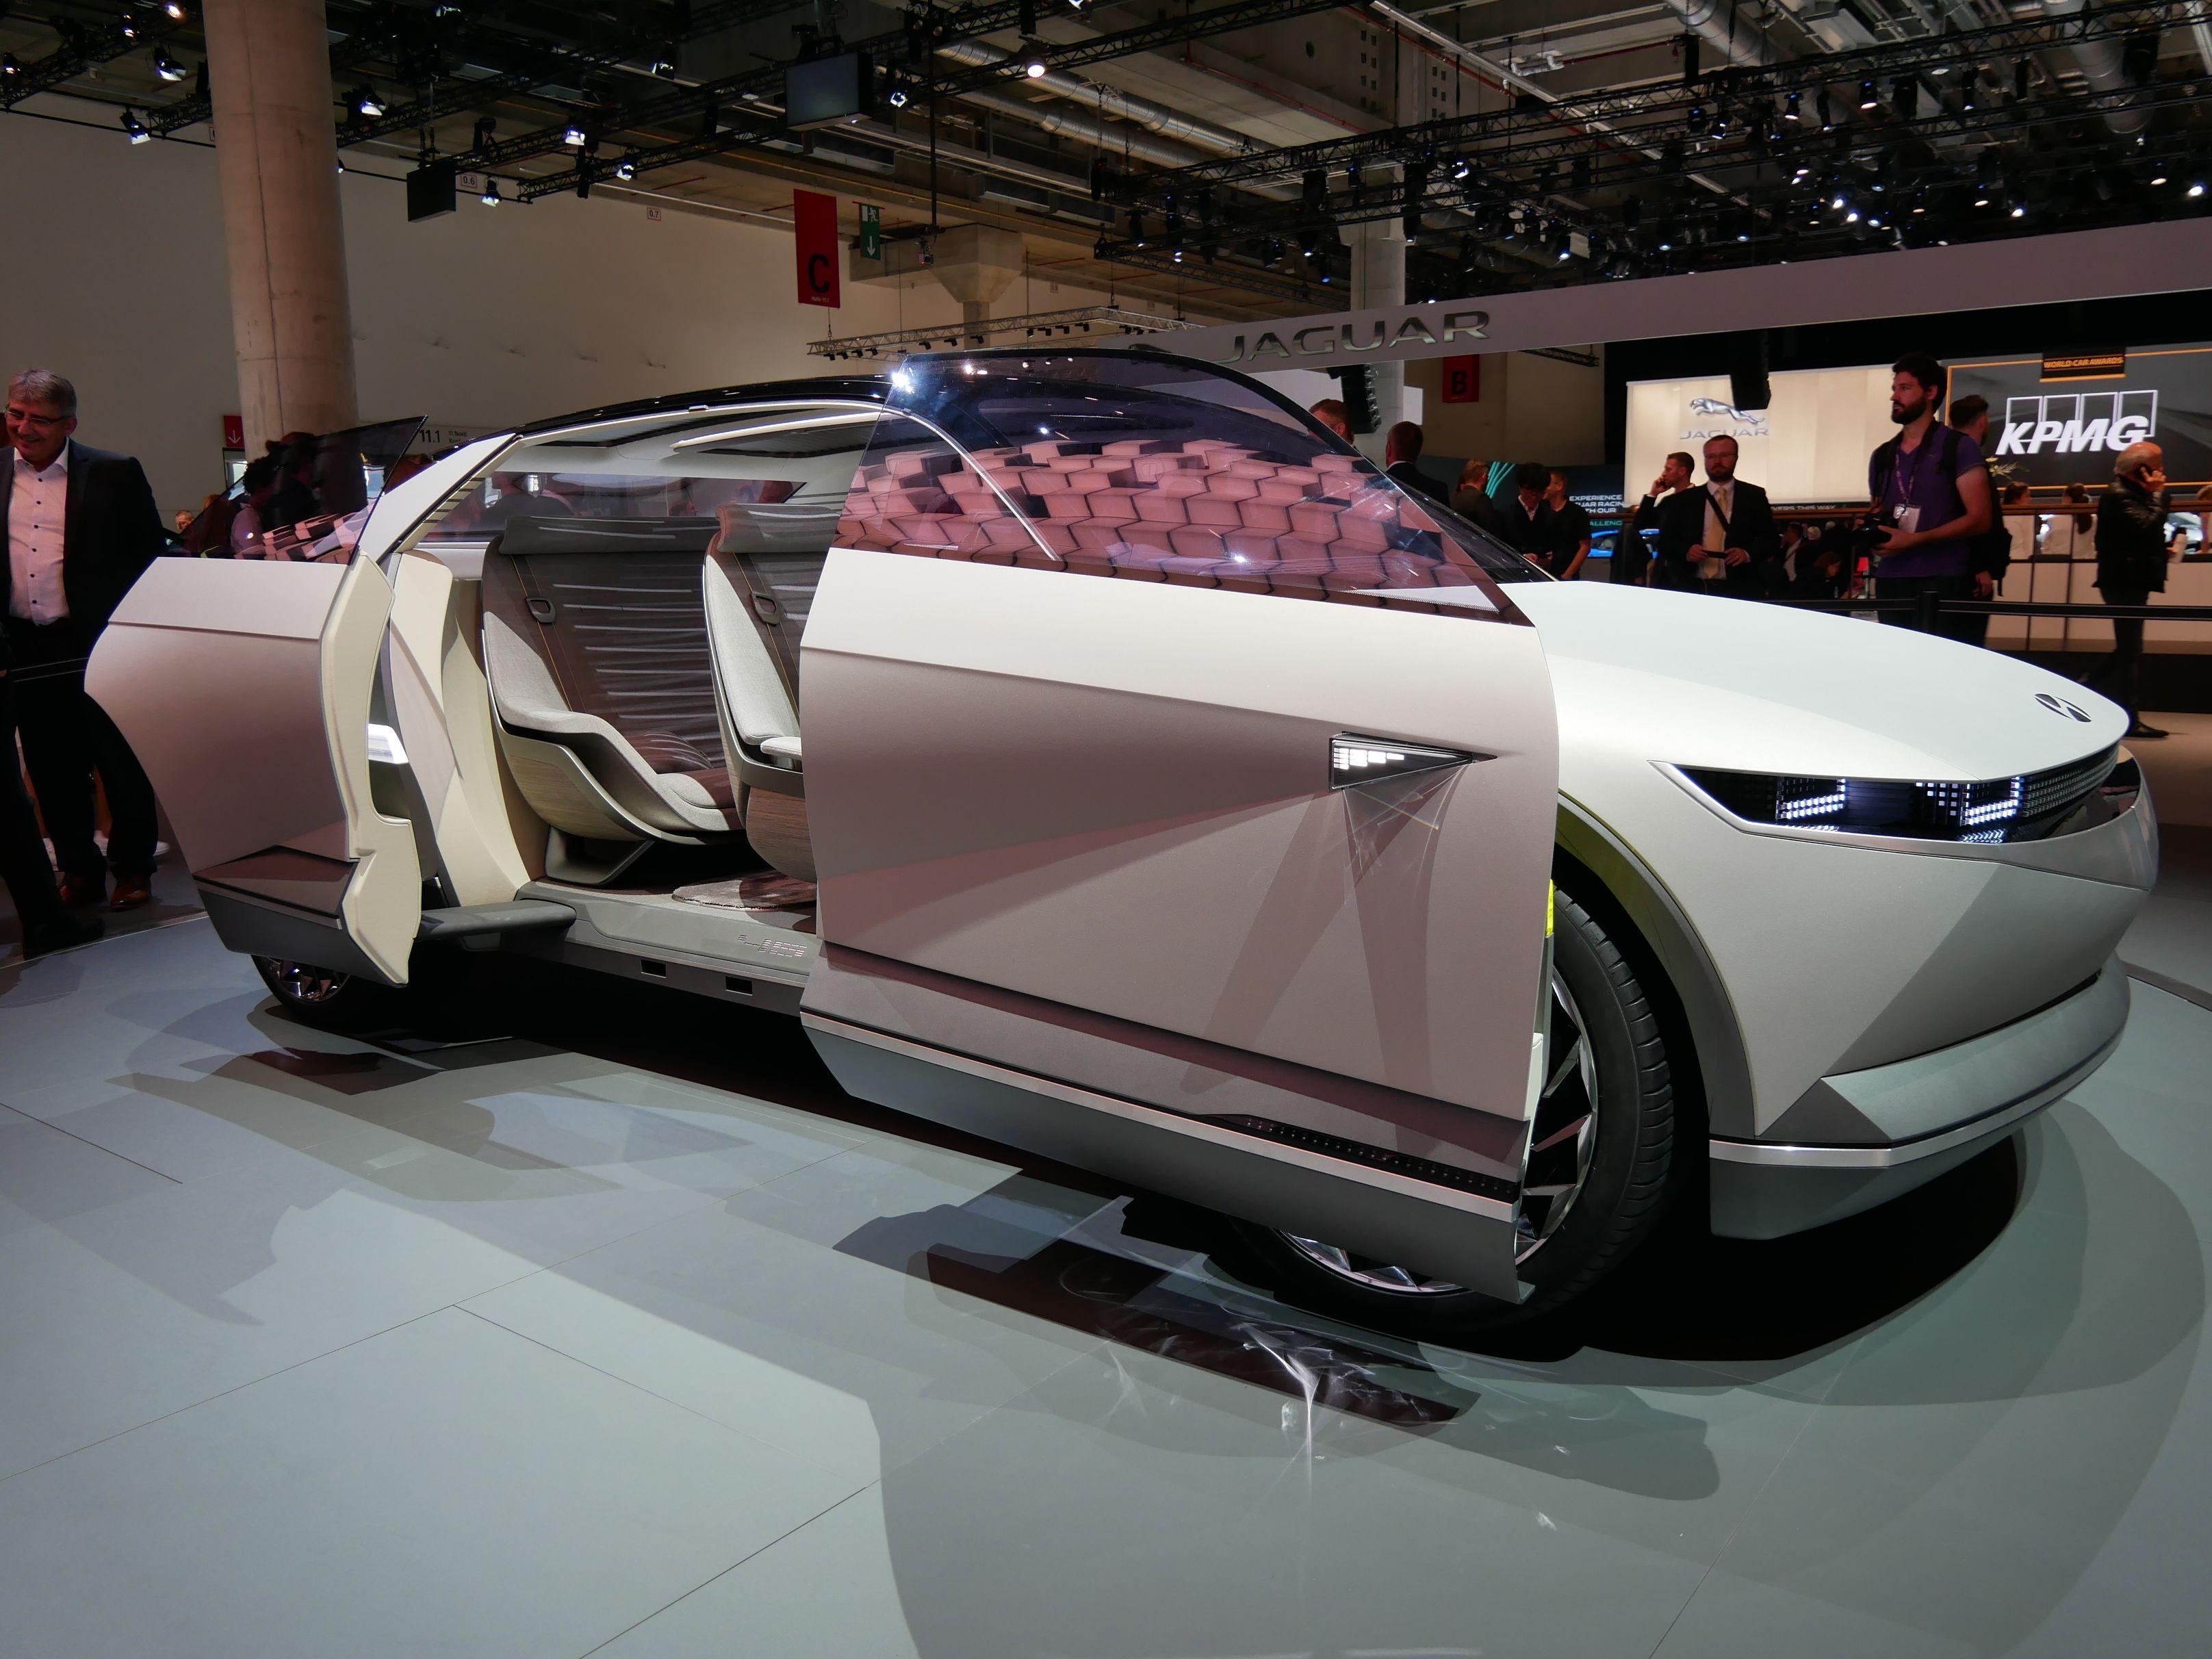 Elektromobilität: Diese E-Autos kommen 2021 auf den Markt - Hyundai Ioniq 5 (Bild: Dirk Kunde)